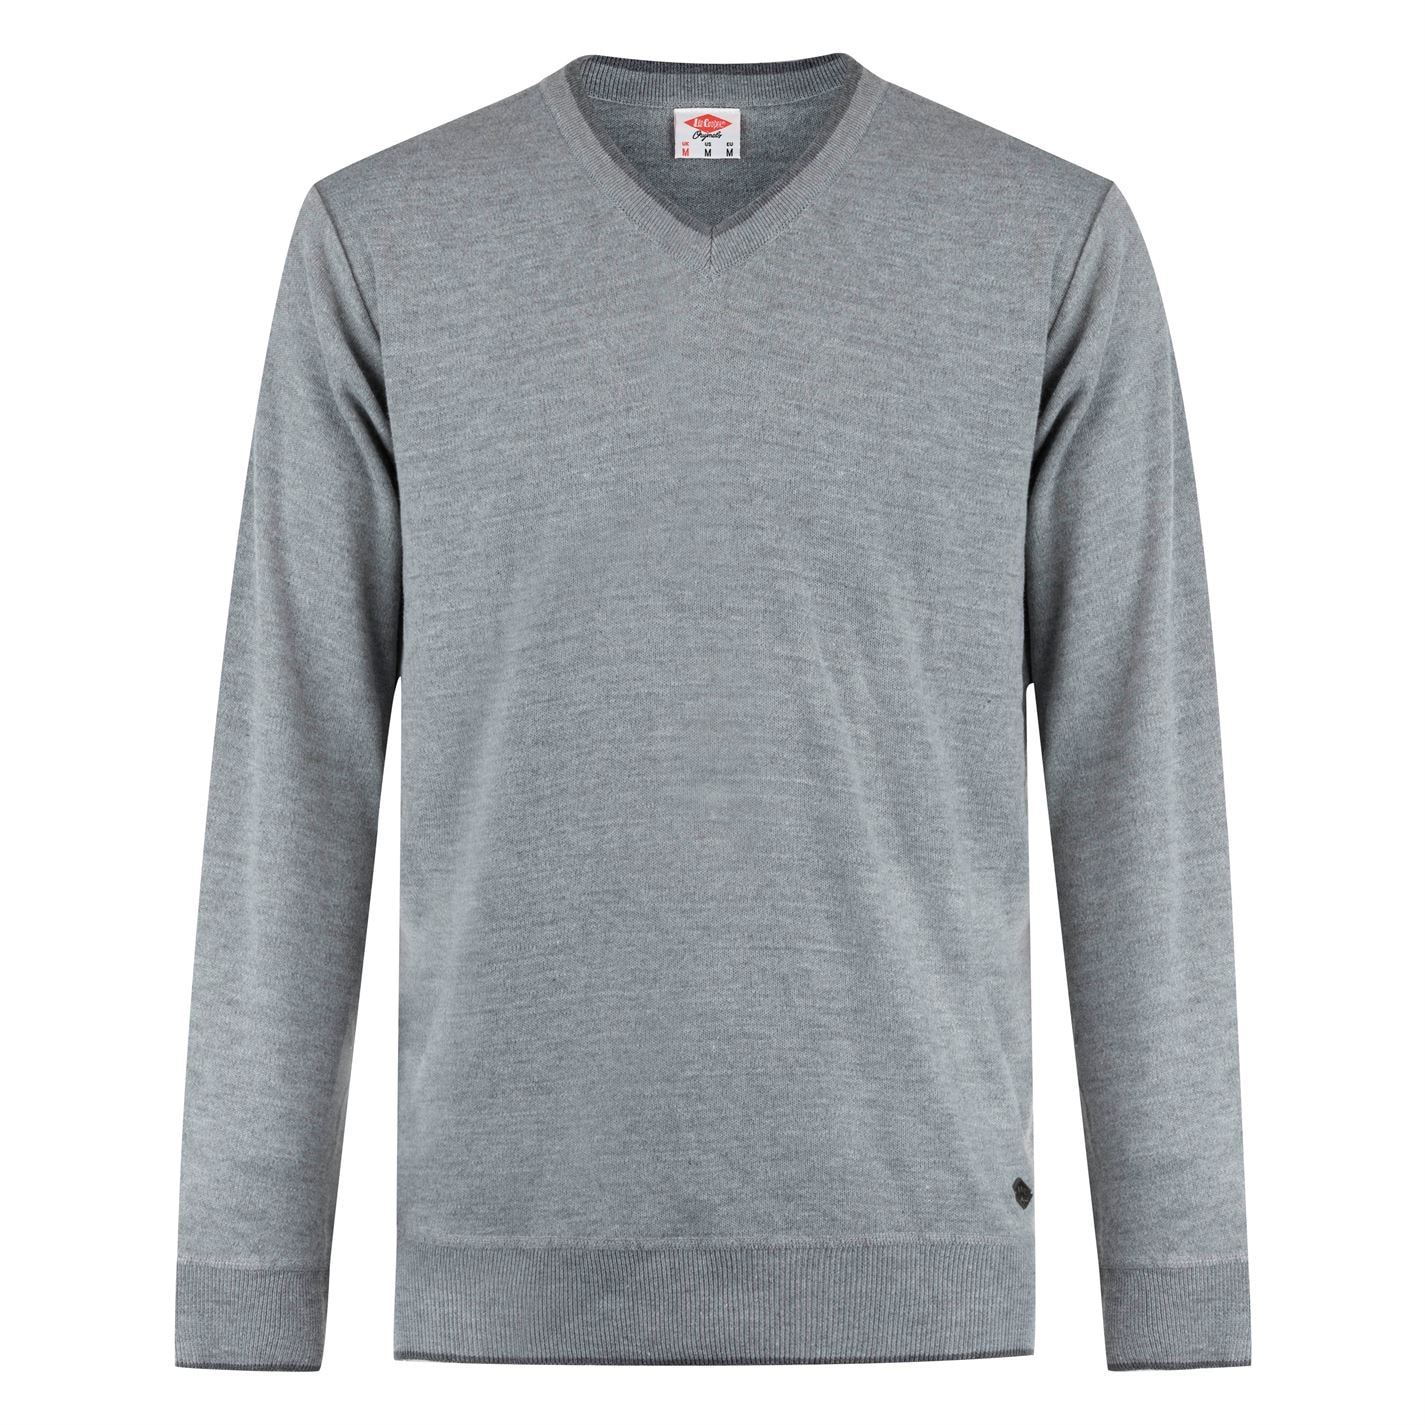 Lee-Cooper-Cuello-en-V-sueter-pulover-jumper-Top-Para-Hombre miniatura 9